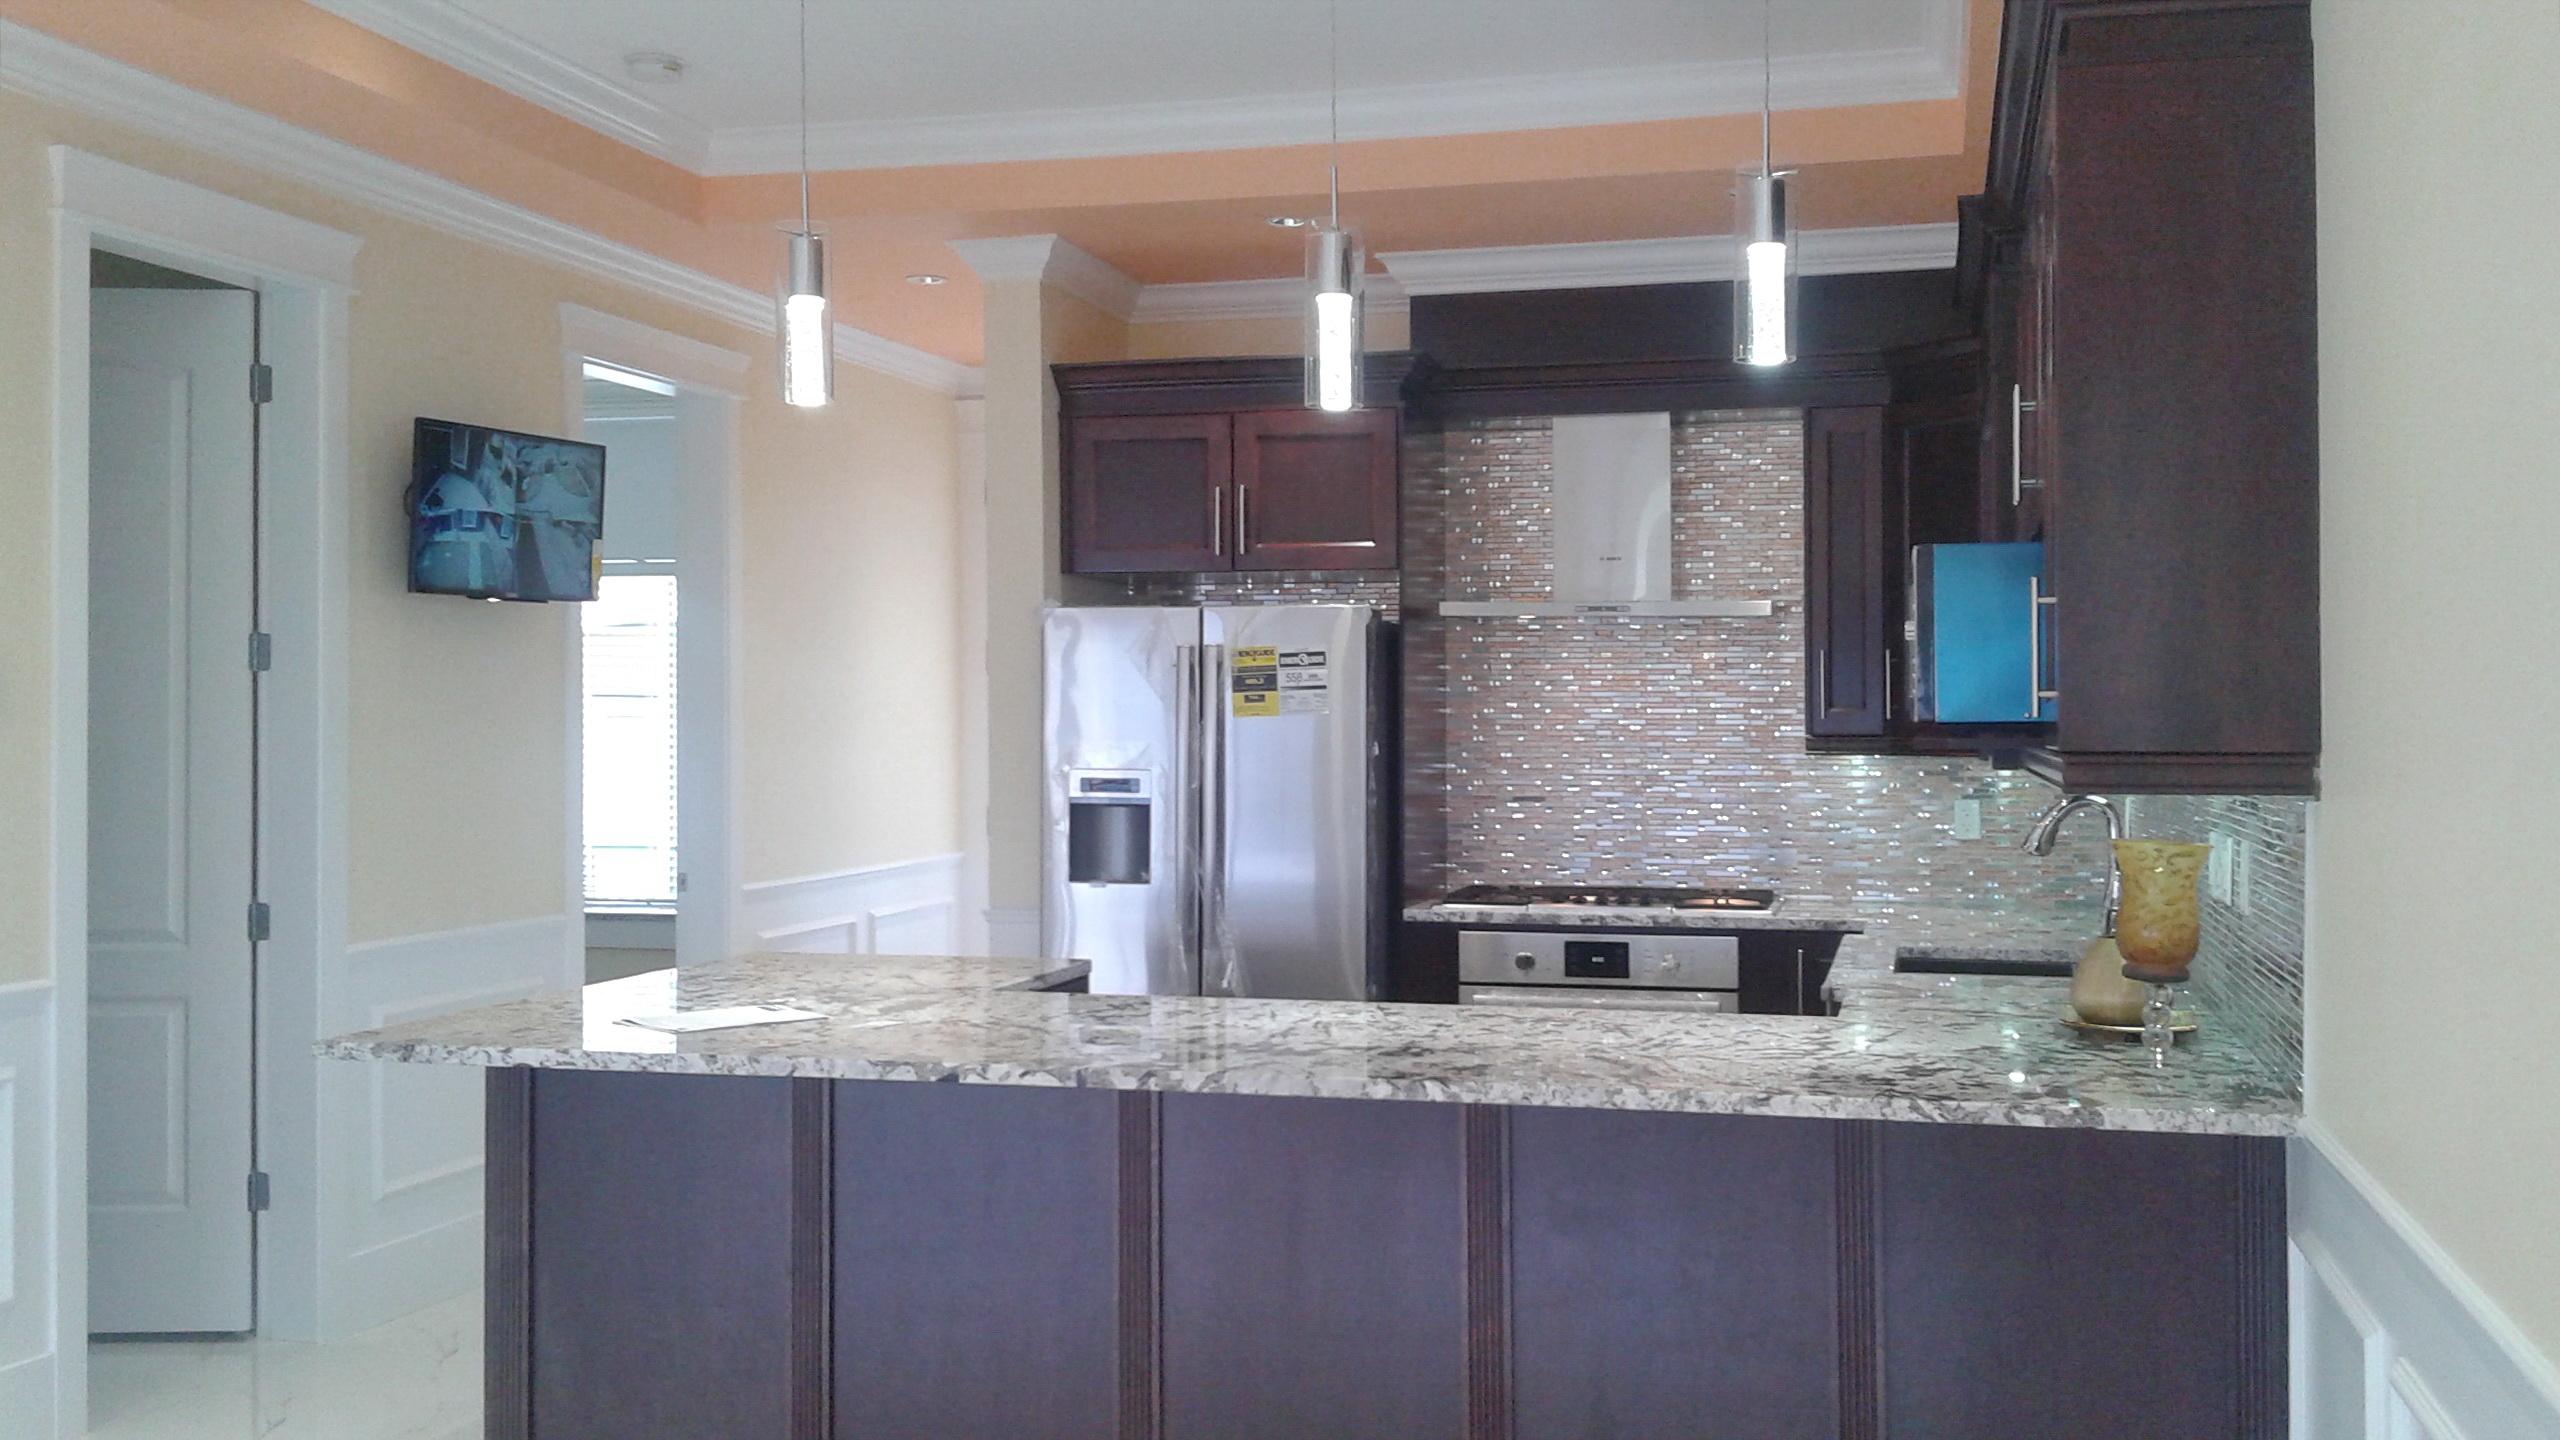 Foresight Homes premium kitchen design